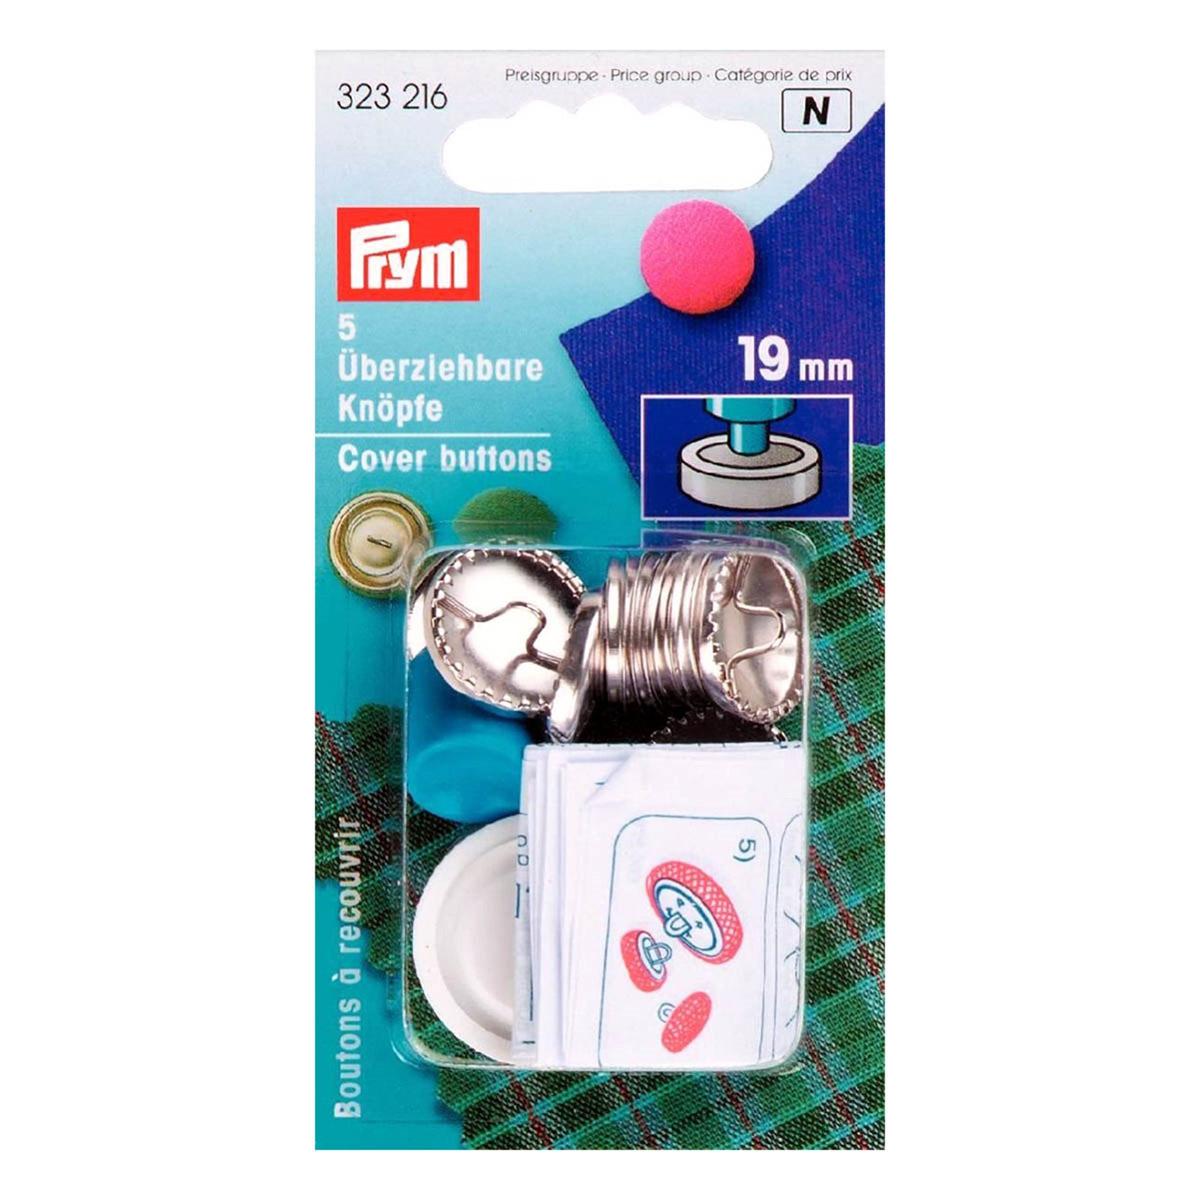 323216 Пуговицы для обтягивания тканью с инстр., 19 мм, упак./5 шт., Prym